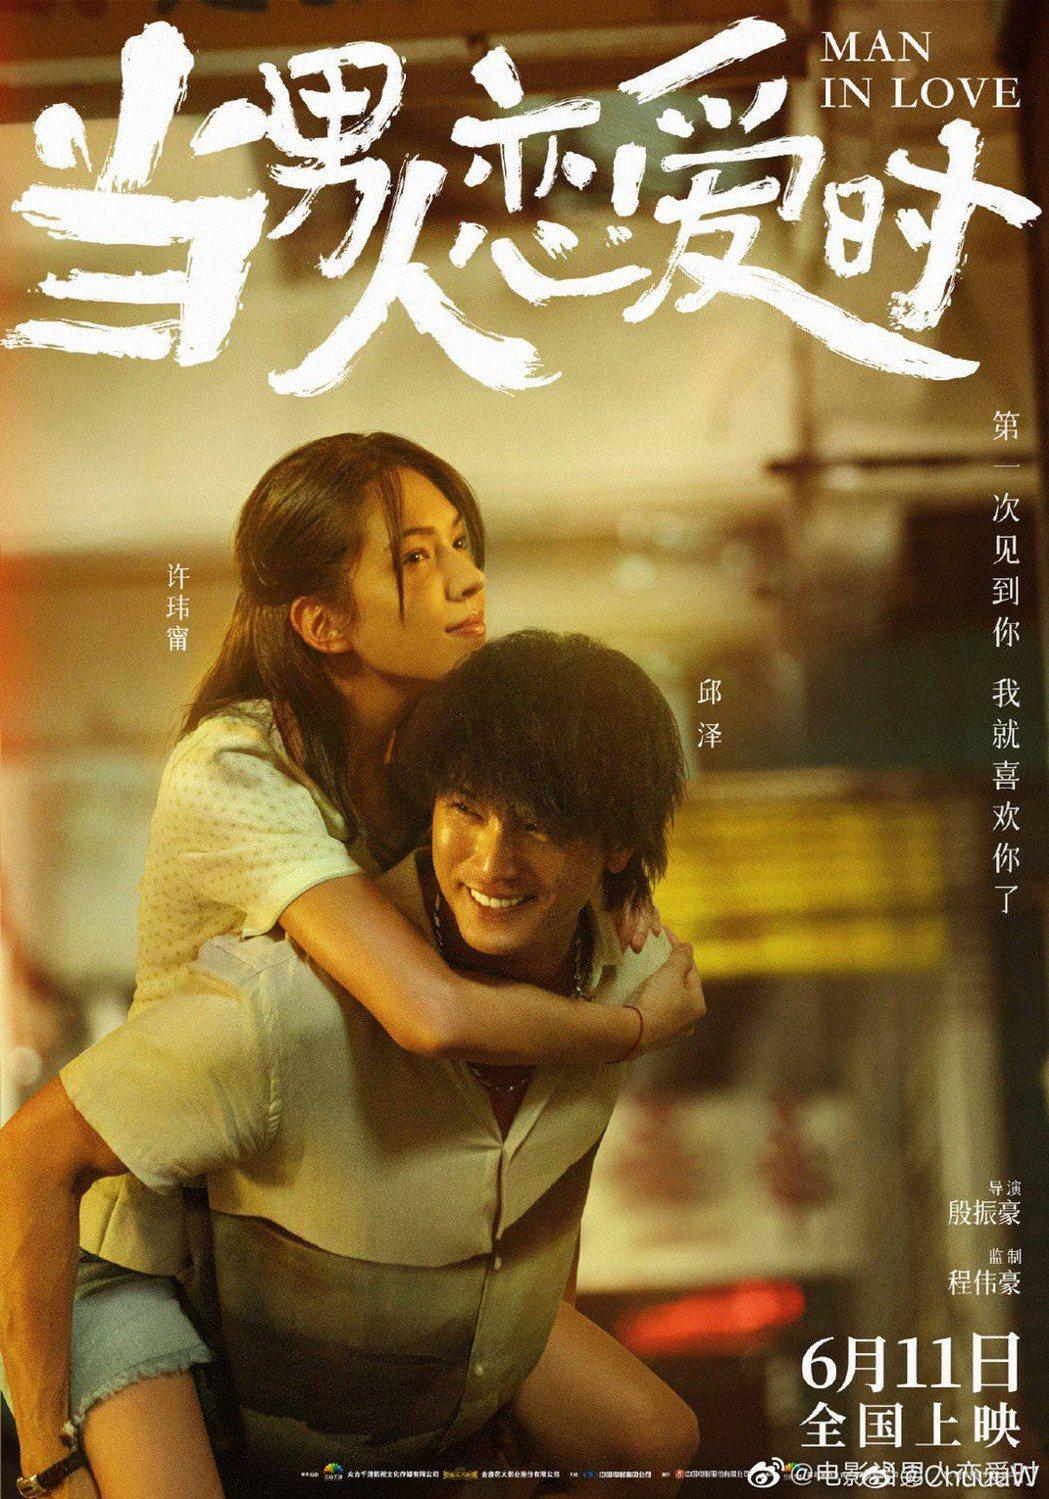 邱澤(右)、許瑋甯主演電影「當男人戀愛時」在台灣創4億票房,電影將在11日大陸上...